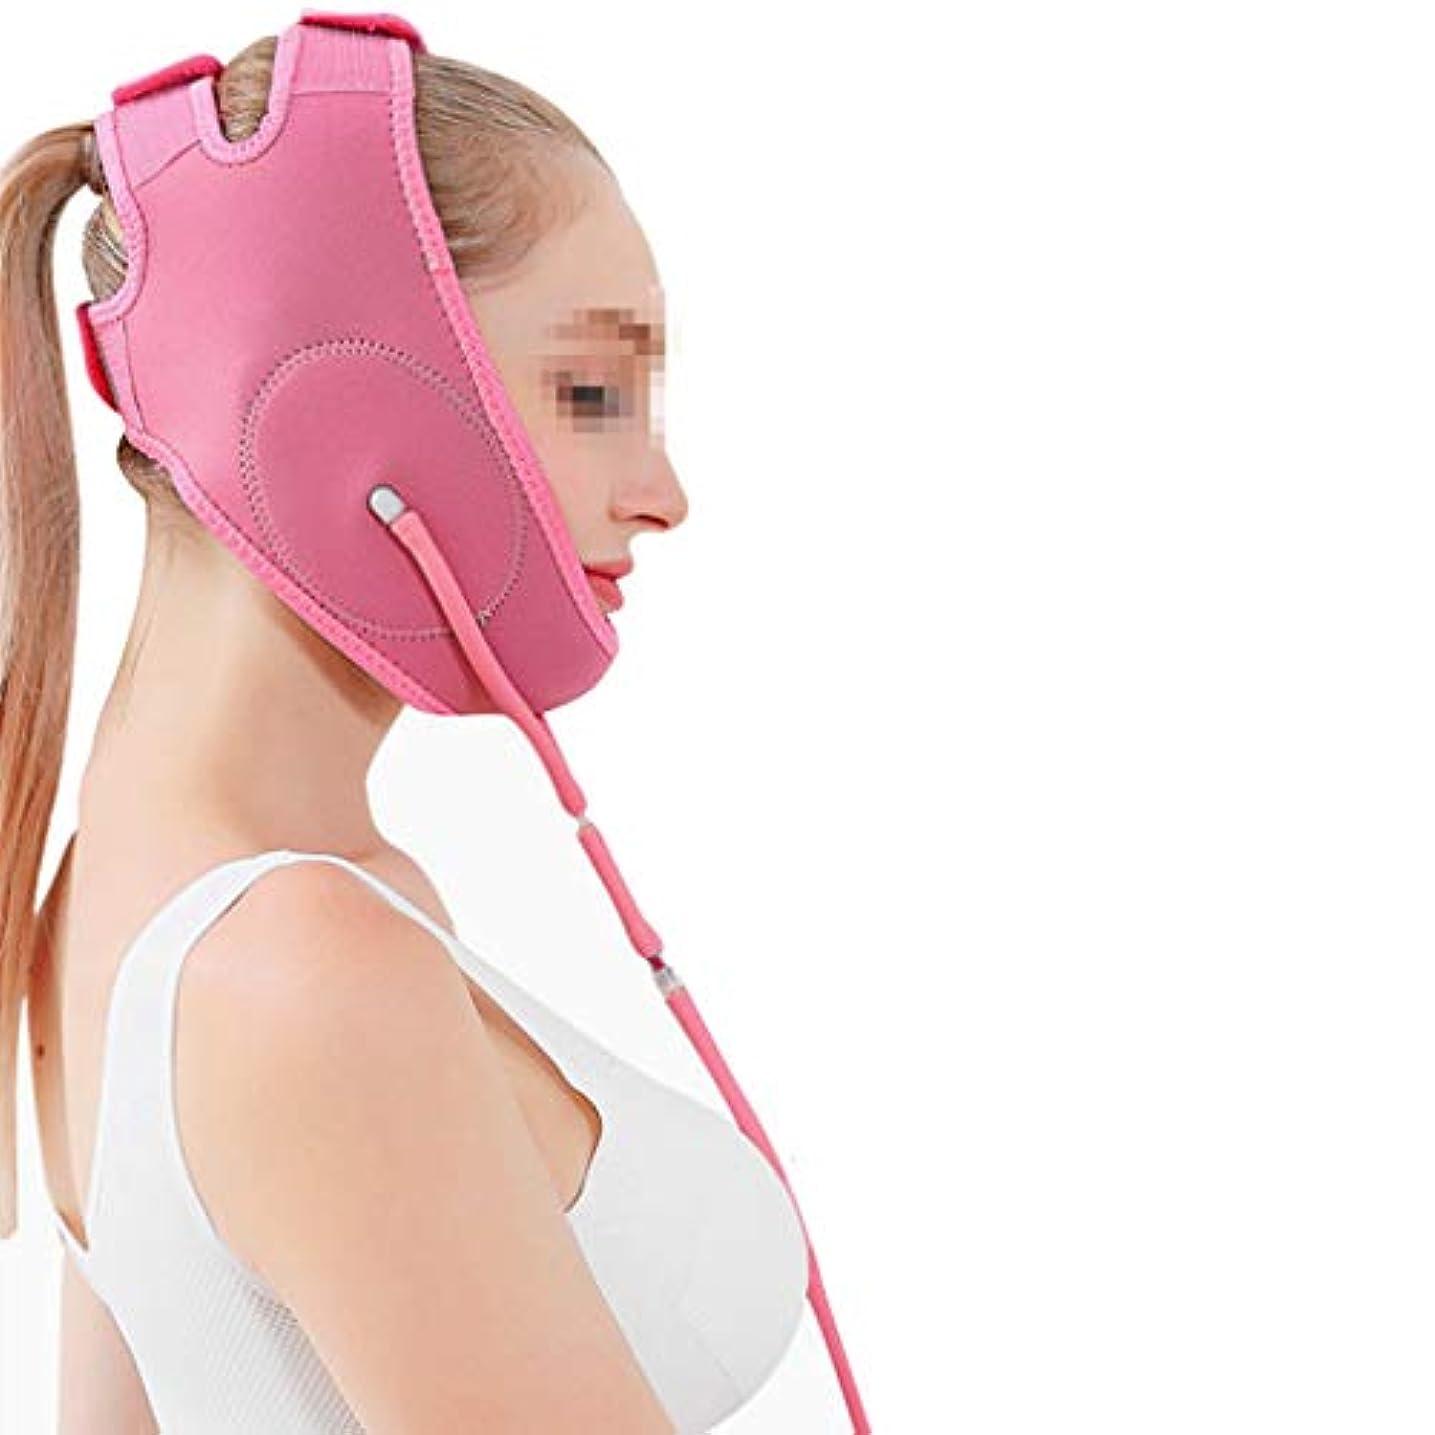 確保するハイライト状XHLMRMJ 空気圧薄いフェイスベルト、マスク小さなVフェイス圧力リフティングシェーピングかみ傷筋肉引き締めパターン二重あご包帯薄いフェイス包帯マルチカラーオプション (Color : Pink)